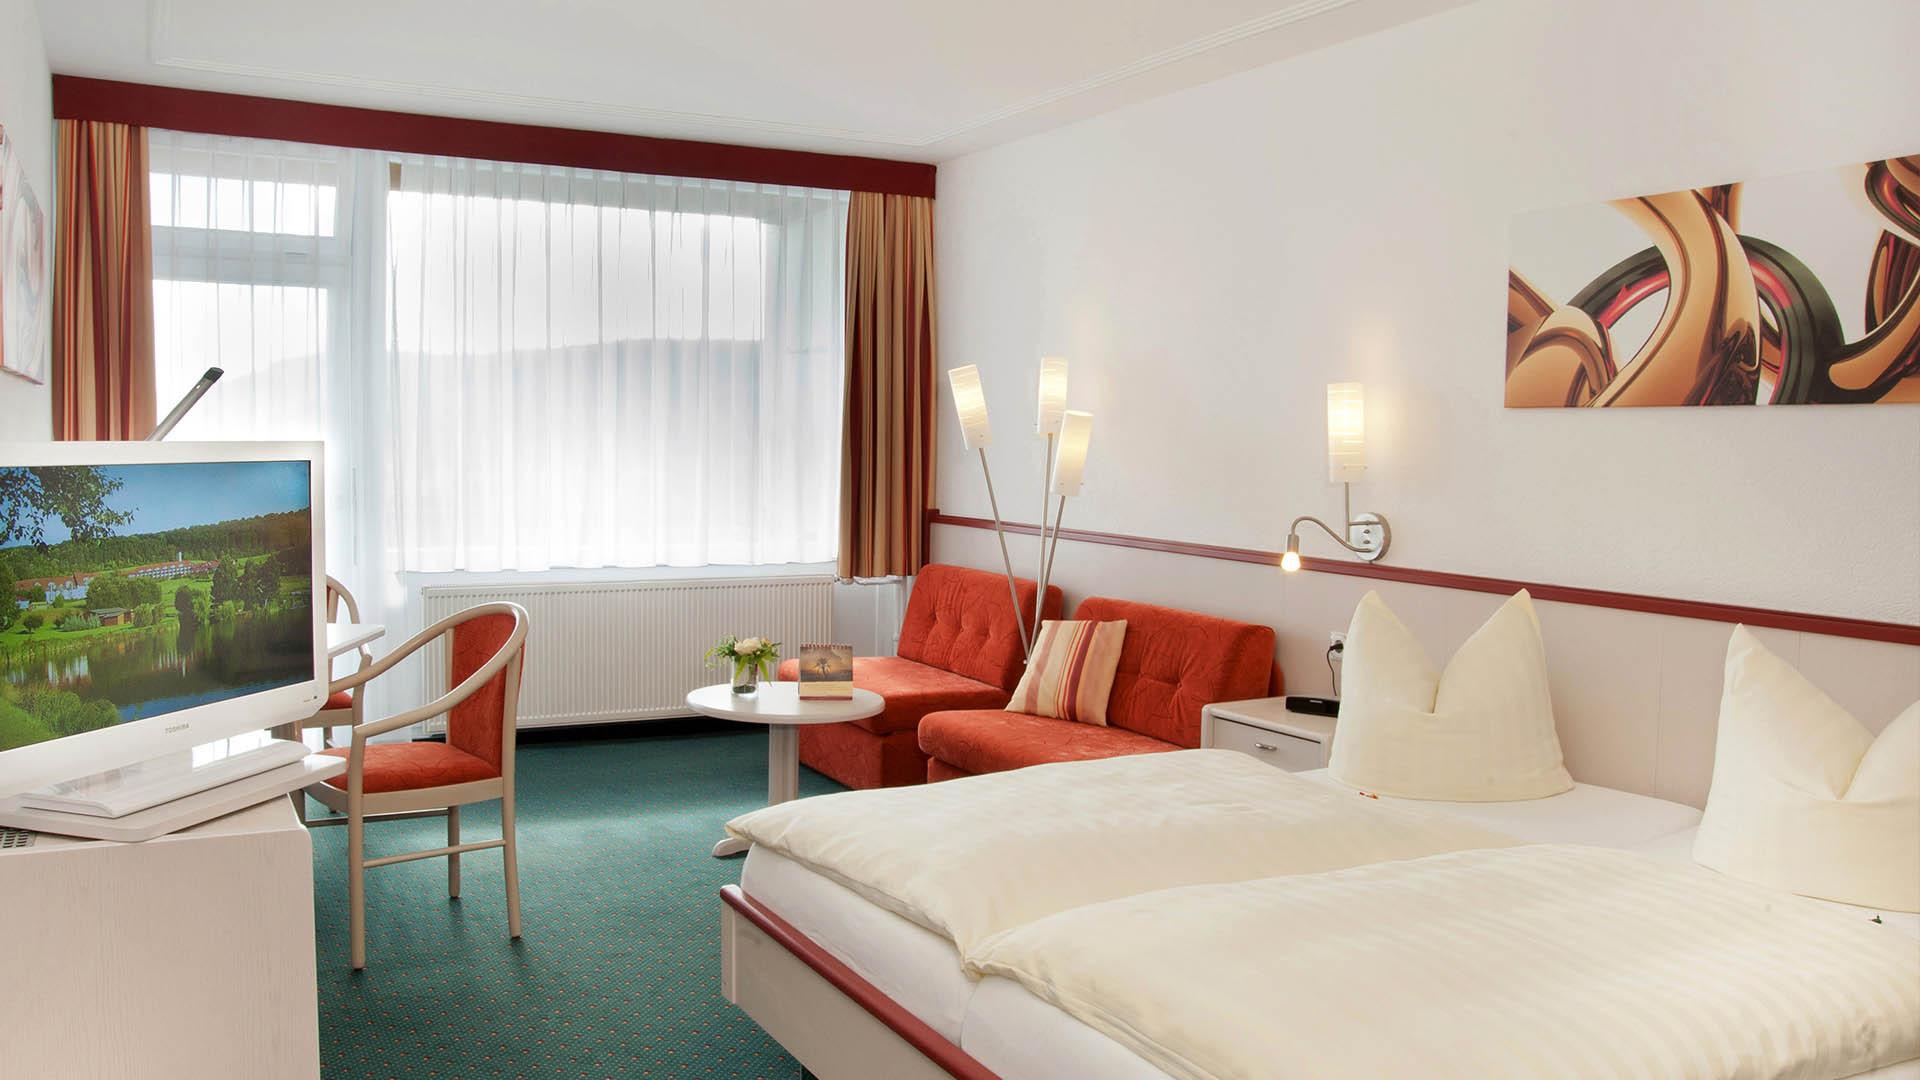 Unser 4-Sterne Tagungshotel mit komfortablen Hotelzimmer